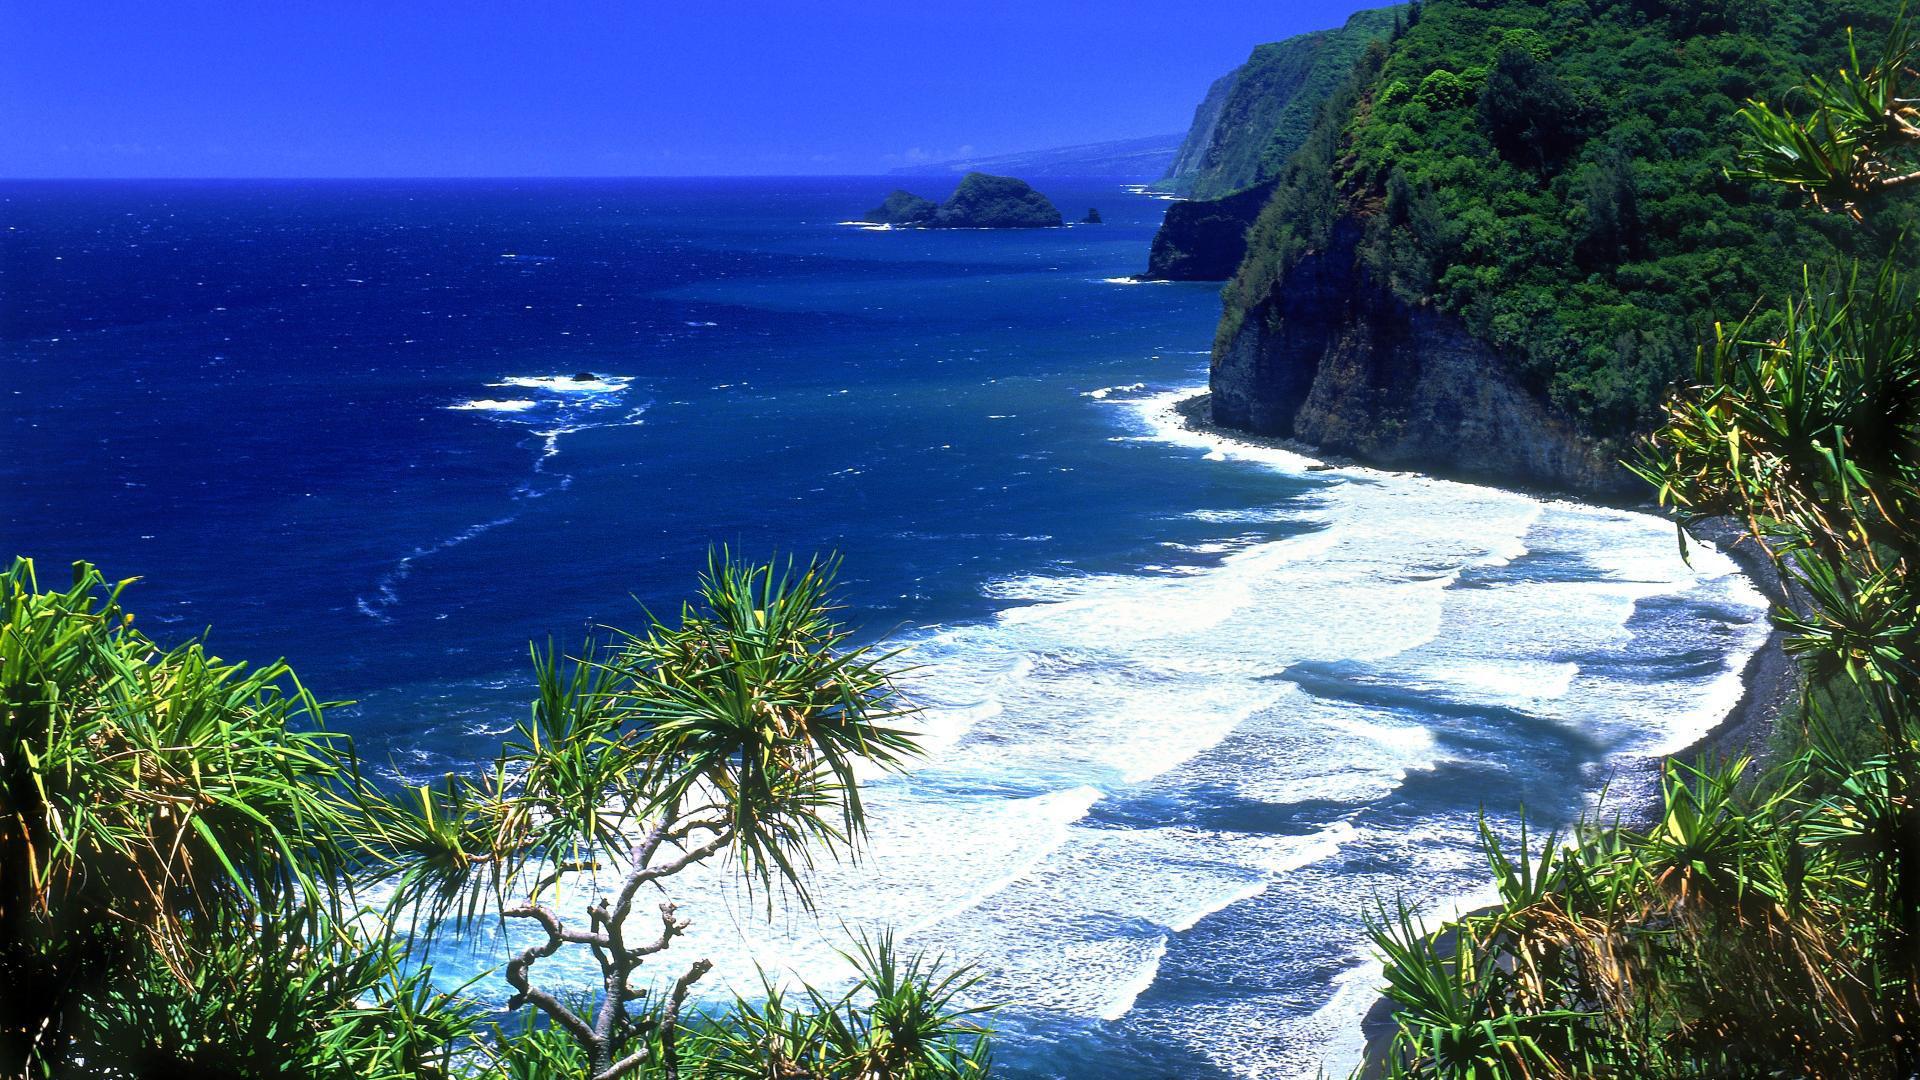 Hawaiian Beach HD Wallpaper